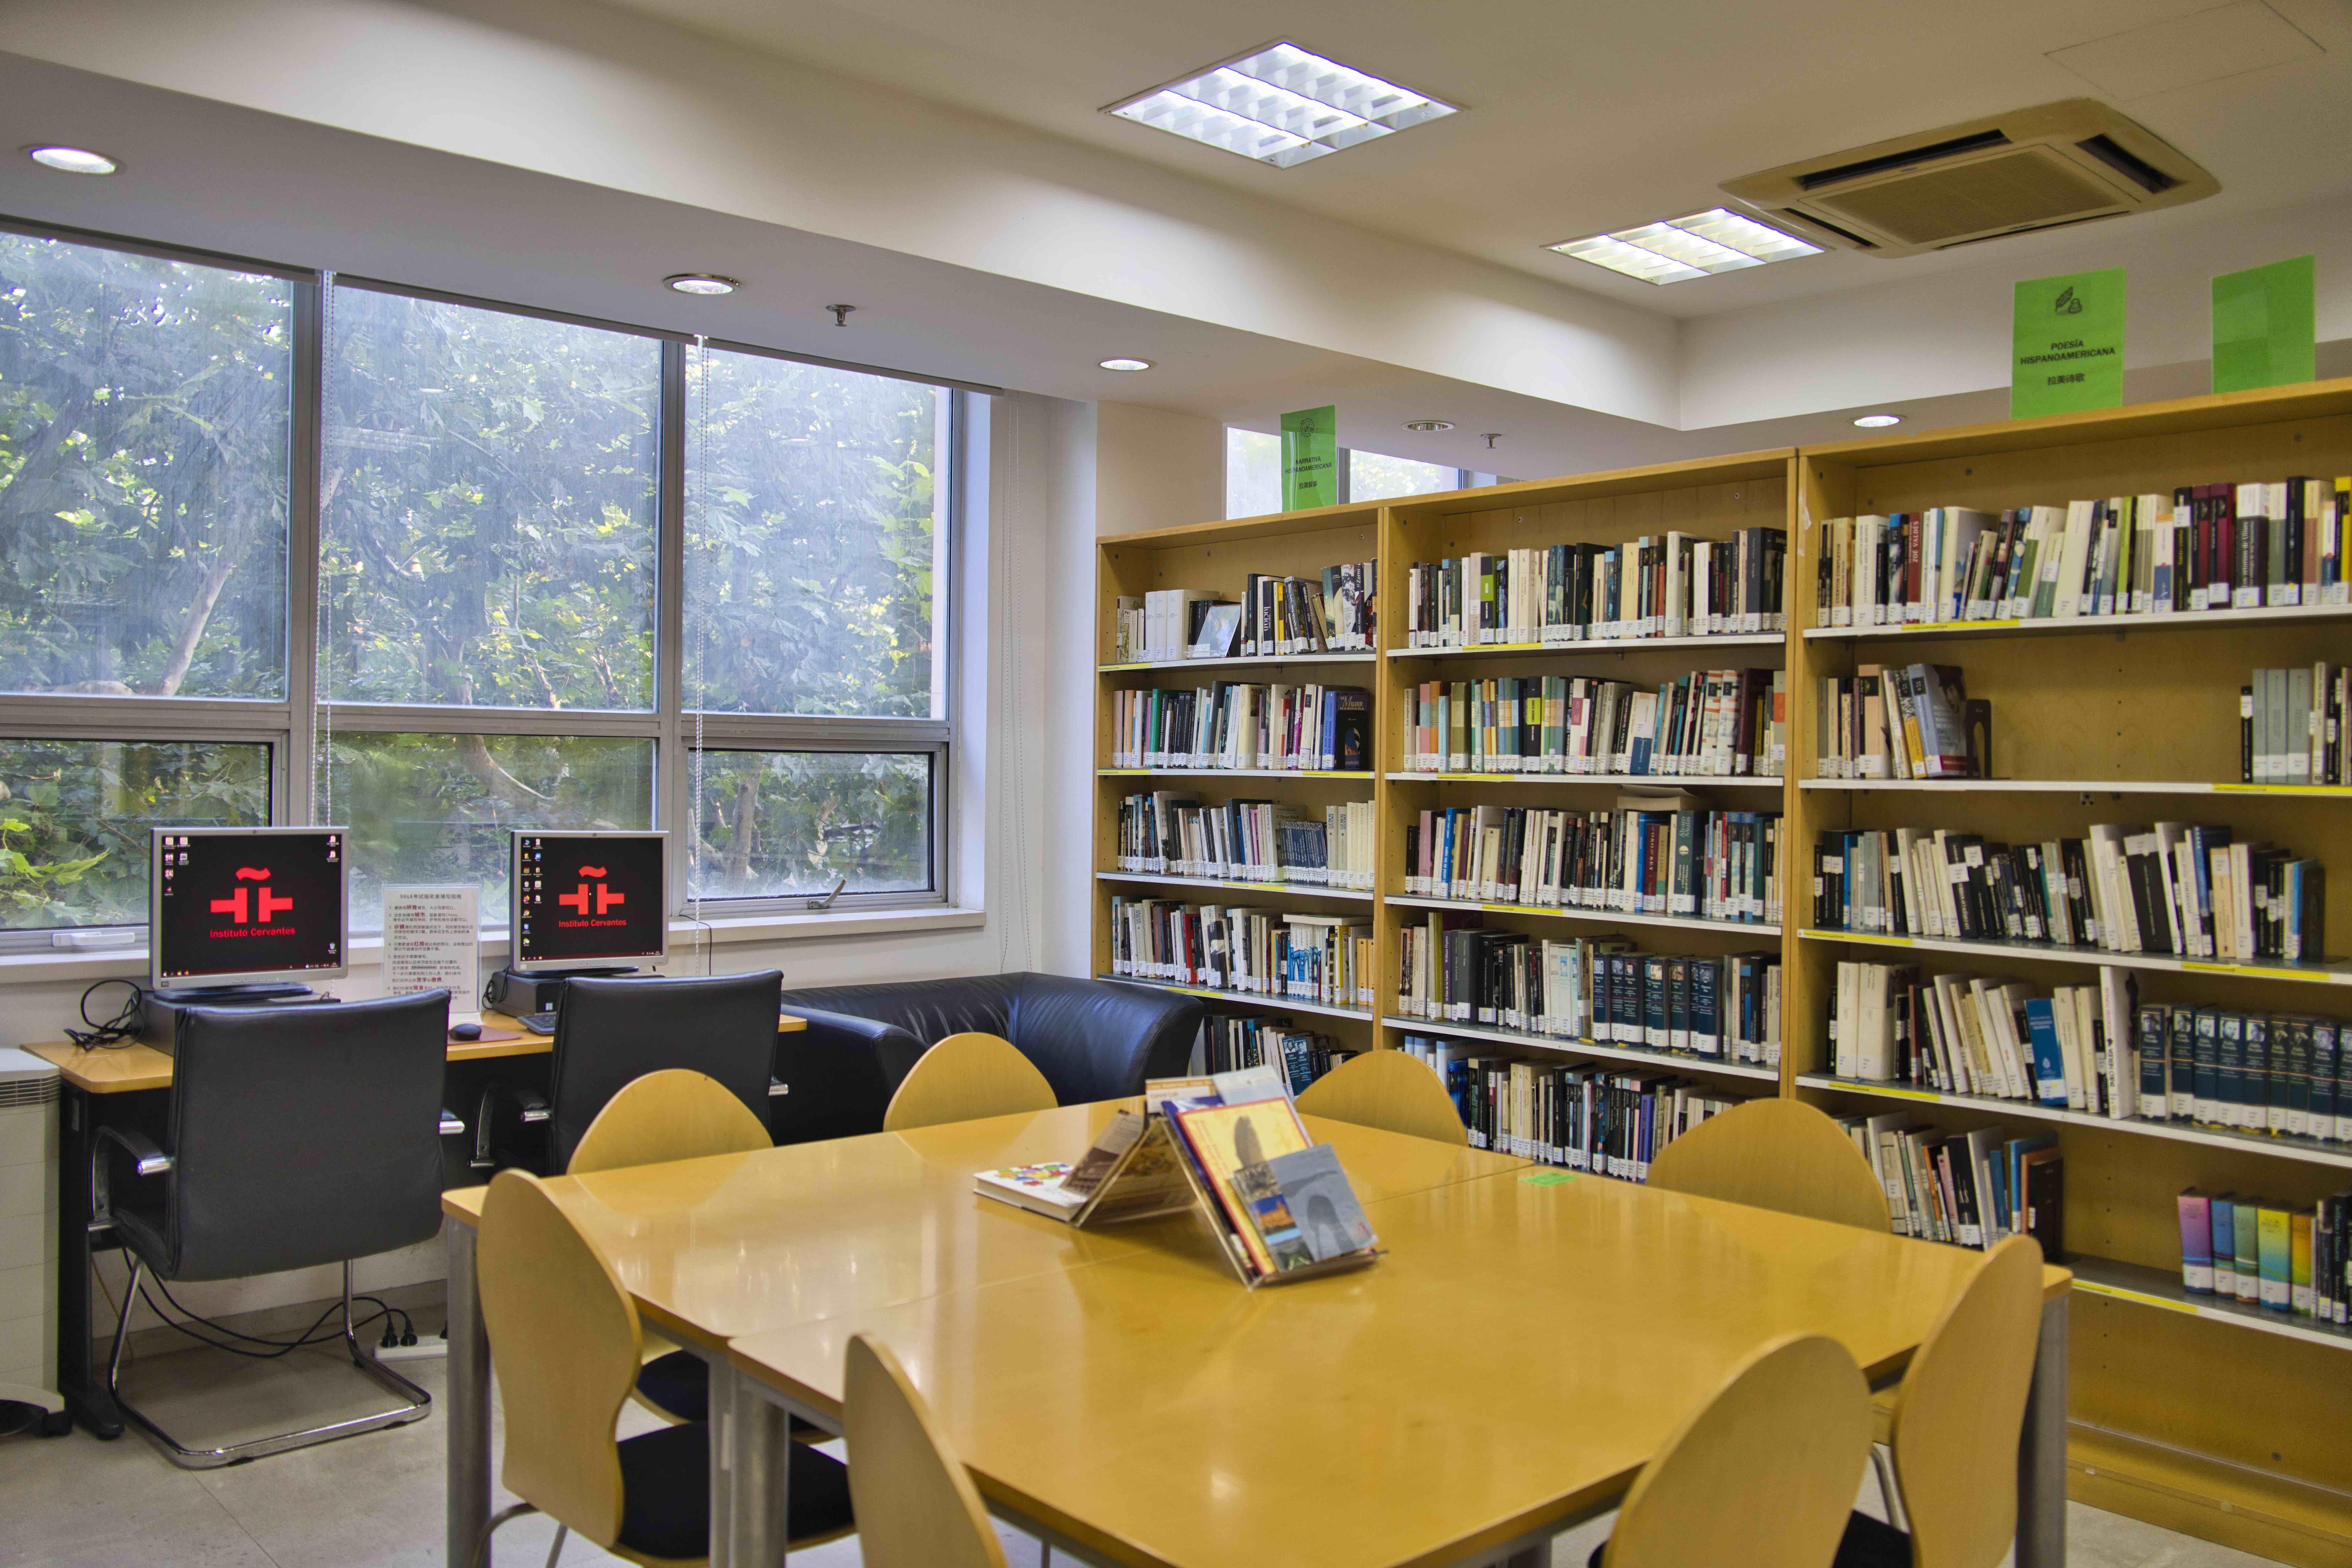 米盖尔·德·塞万提斯图书馆内部。上海塞万提斯图书馆供图